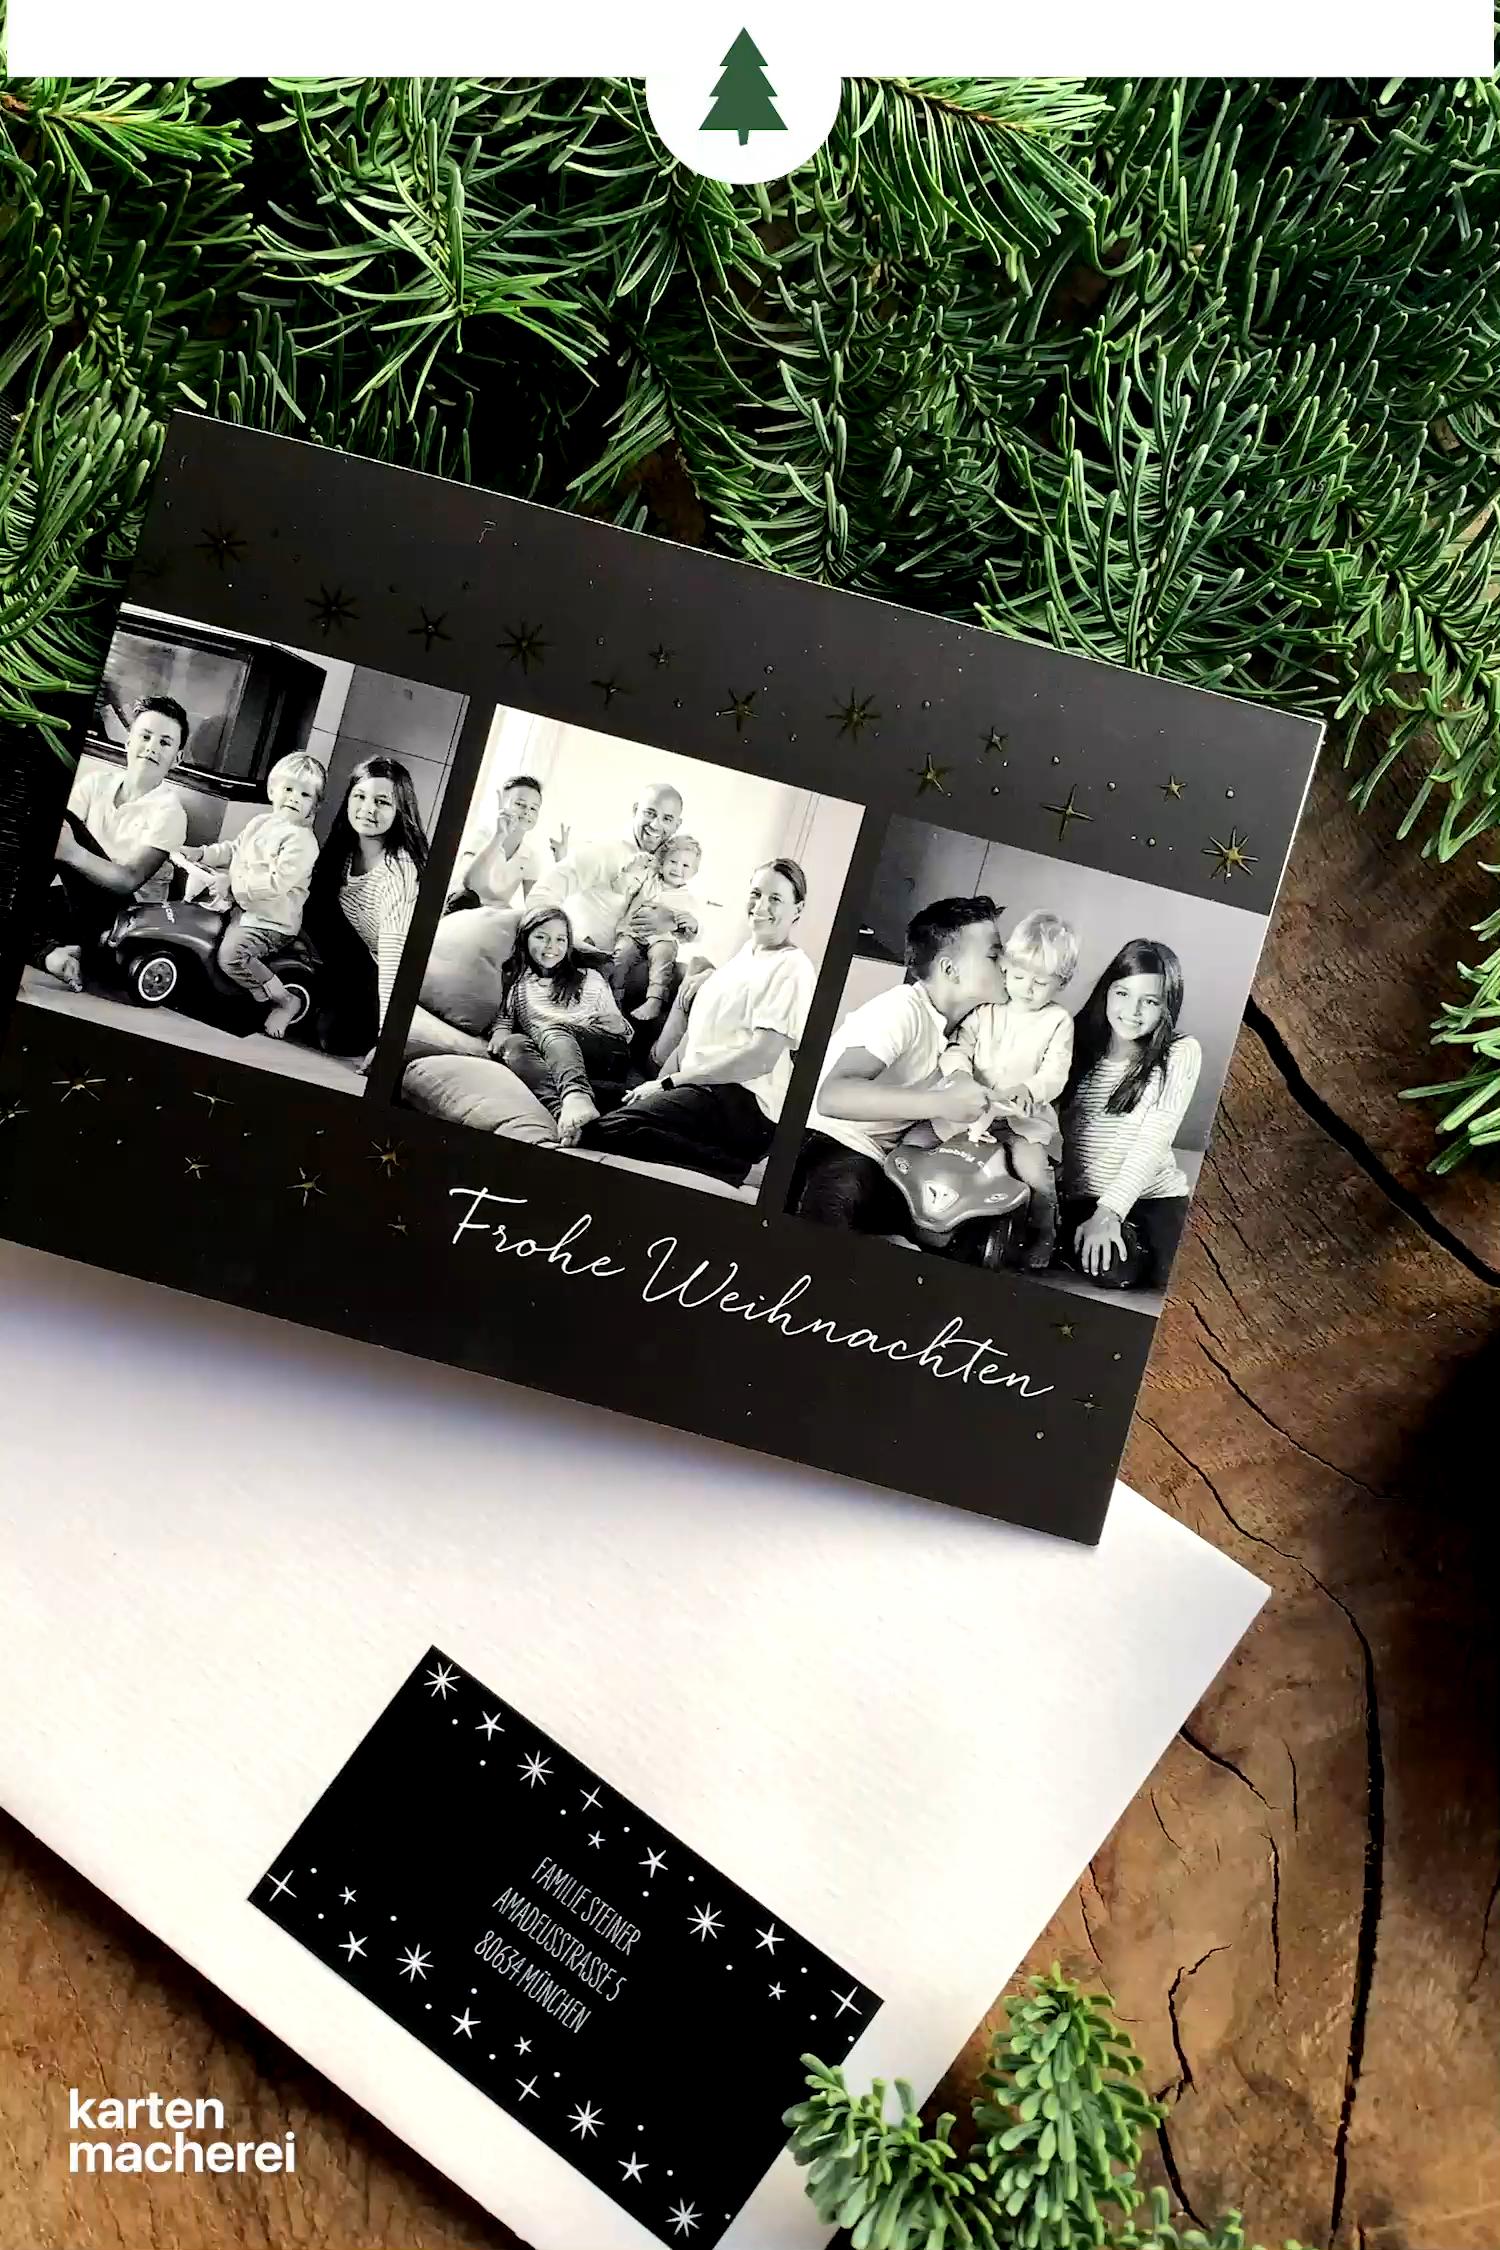 Weihnachtsuberraschung Weihnachtskarten Mit Folienverdelung In Gold Silbe Video Weihnachtskarten Weihnachtskarten Gestalten Selbstgemachte Geschenke Zu Weihnachten